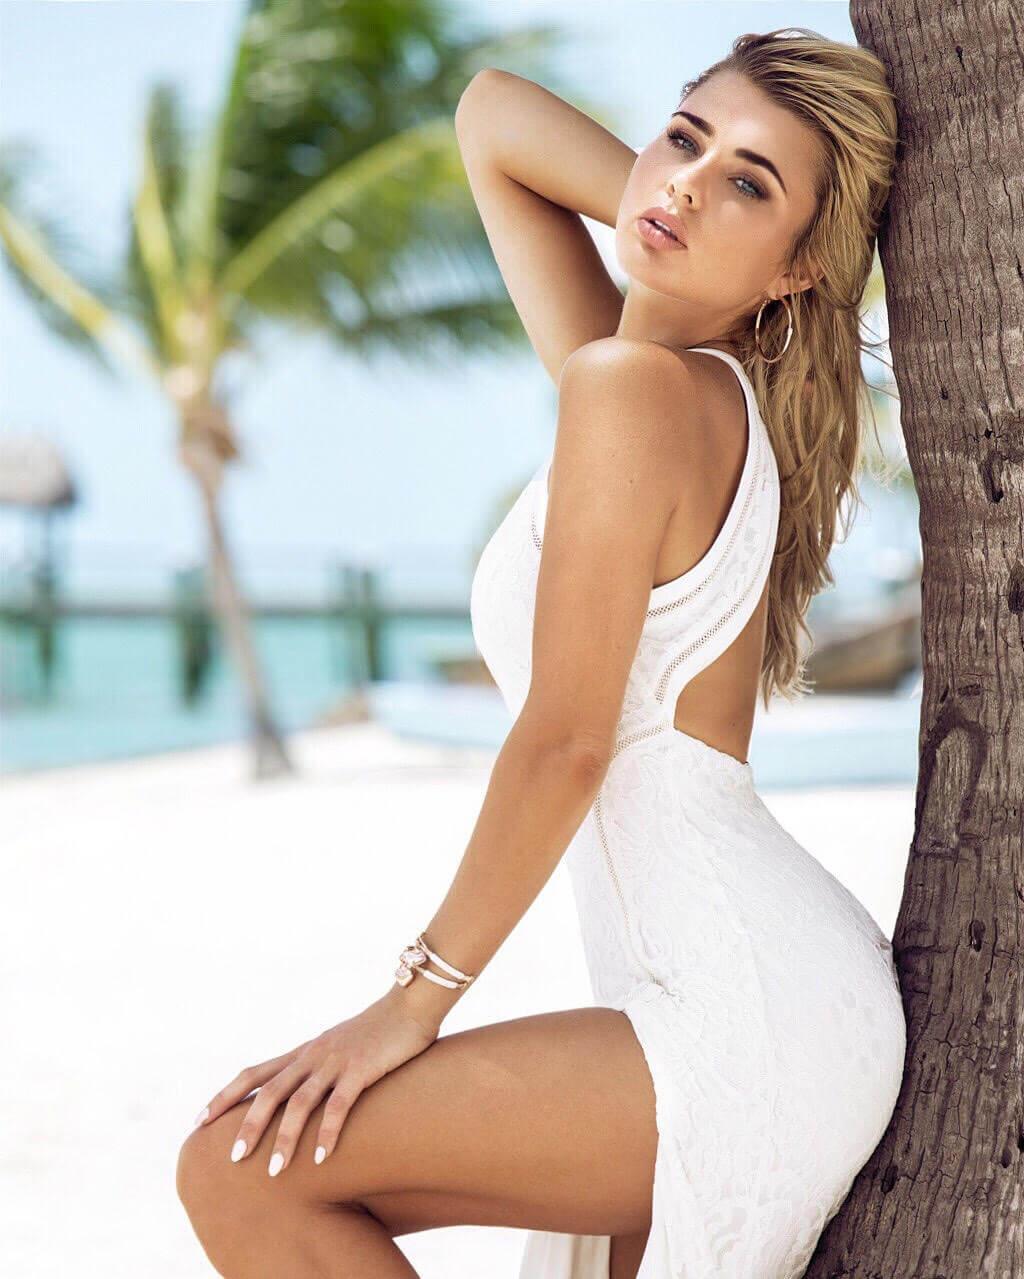 Ksenya model модельный бизнес сургут